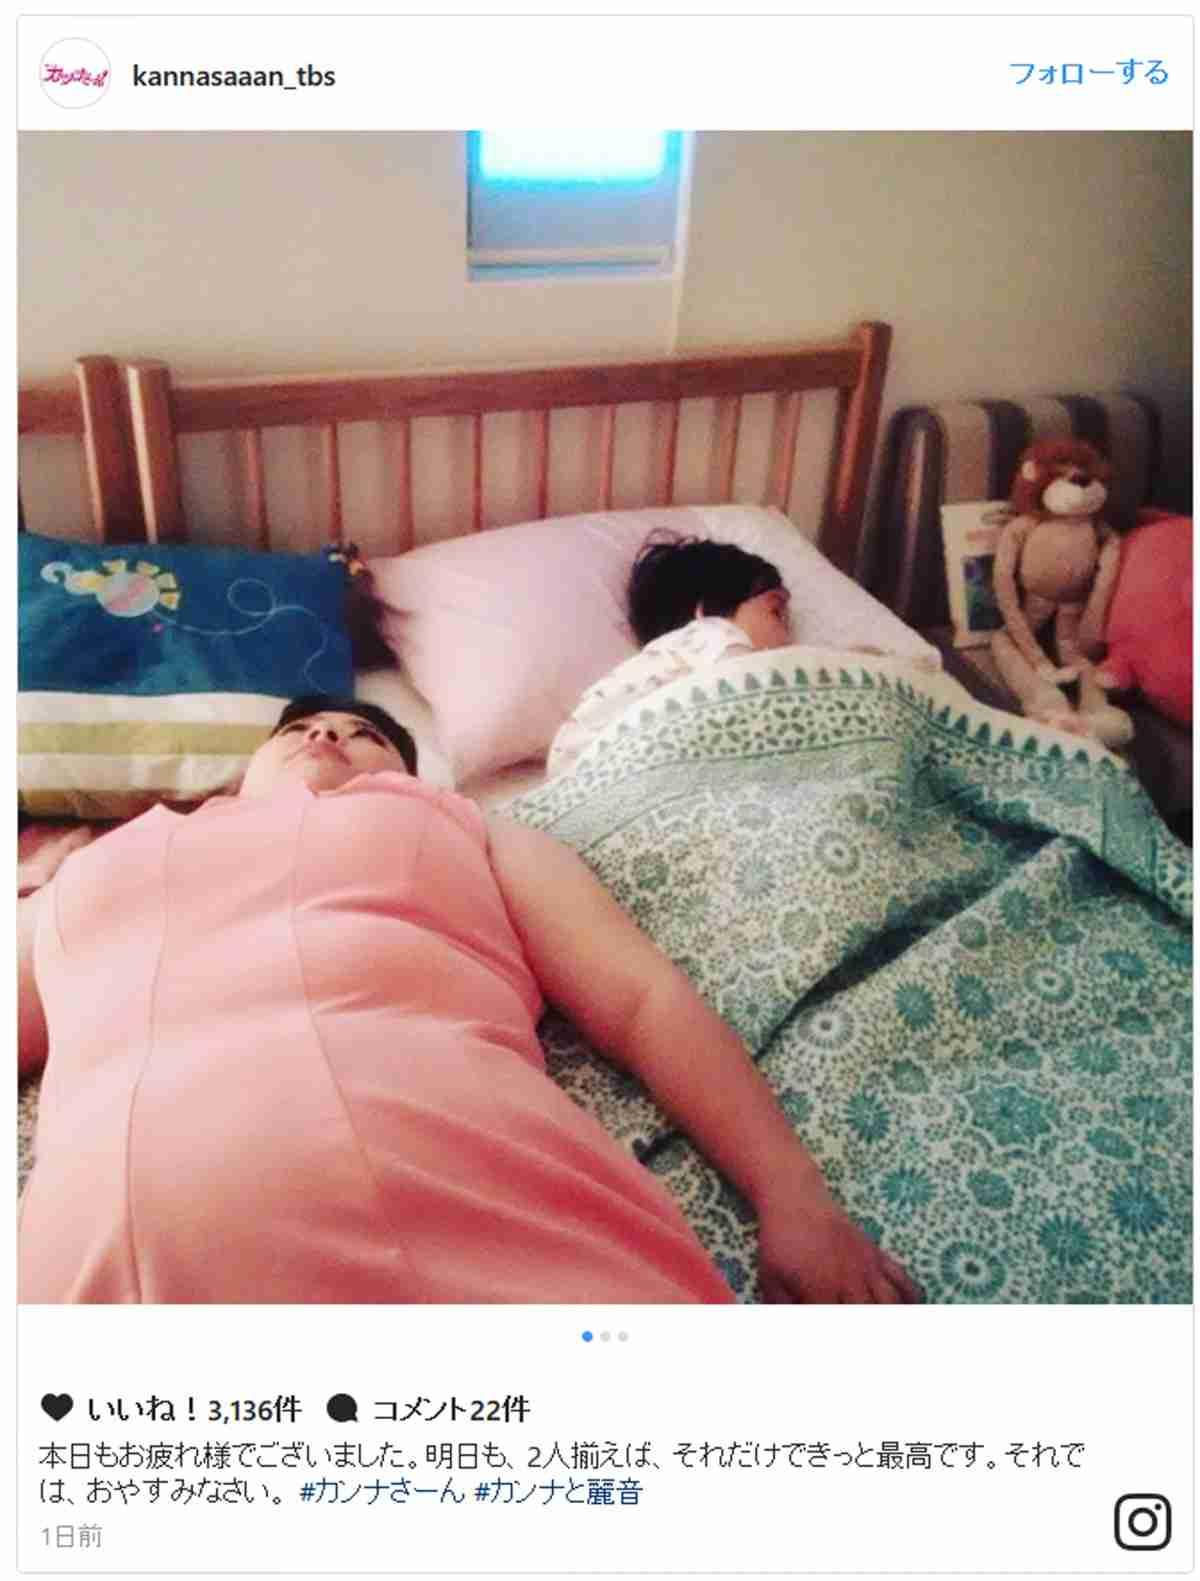 渡辺直美の寝姿が話題「布団かと思った」 - シネマトゥデイ